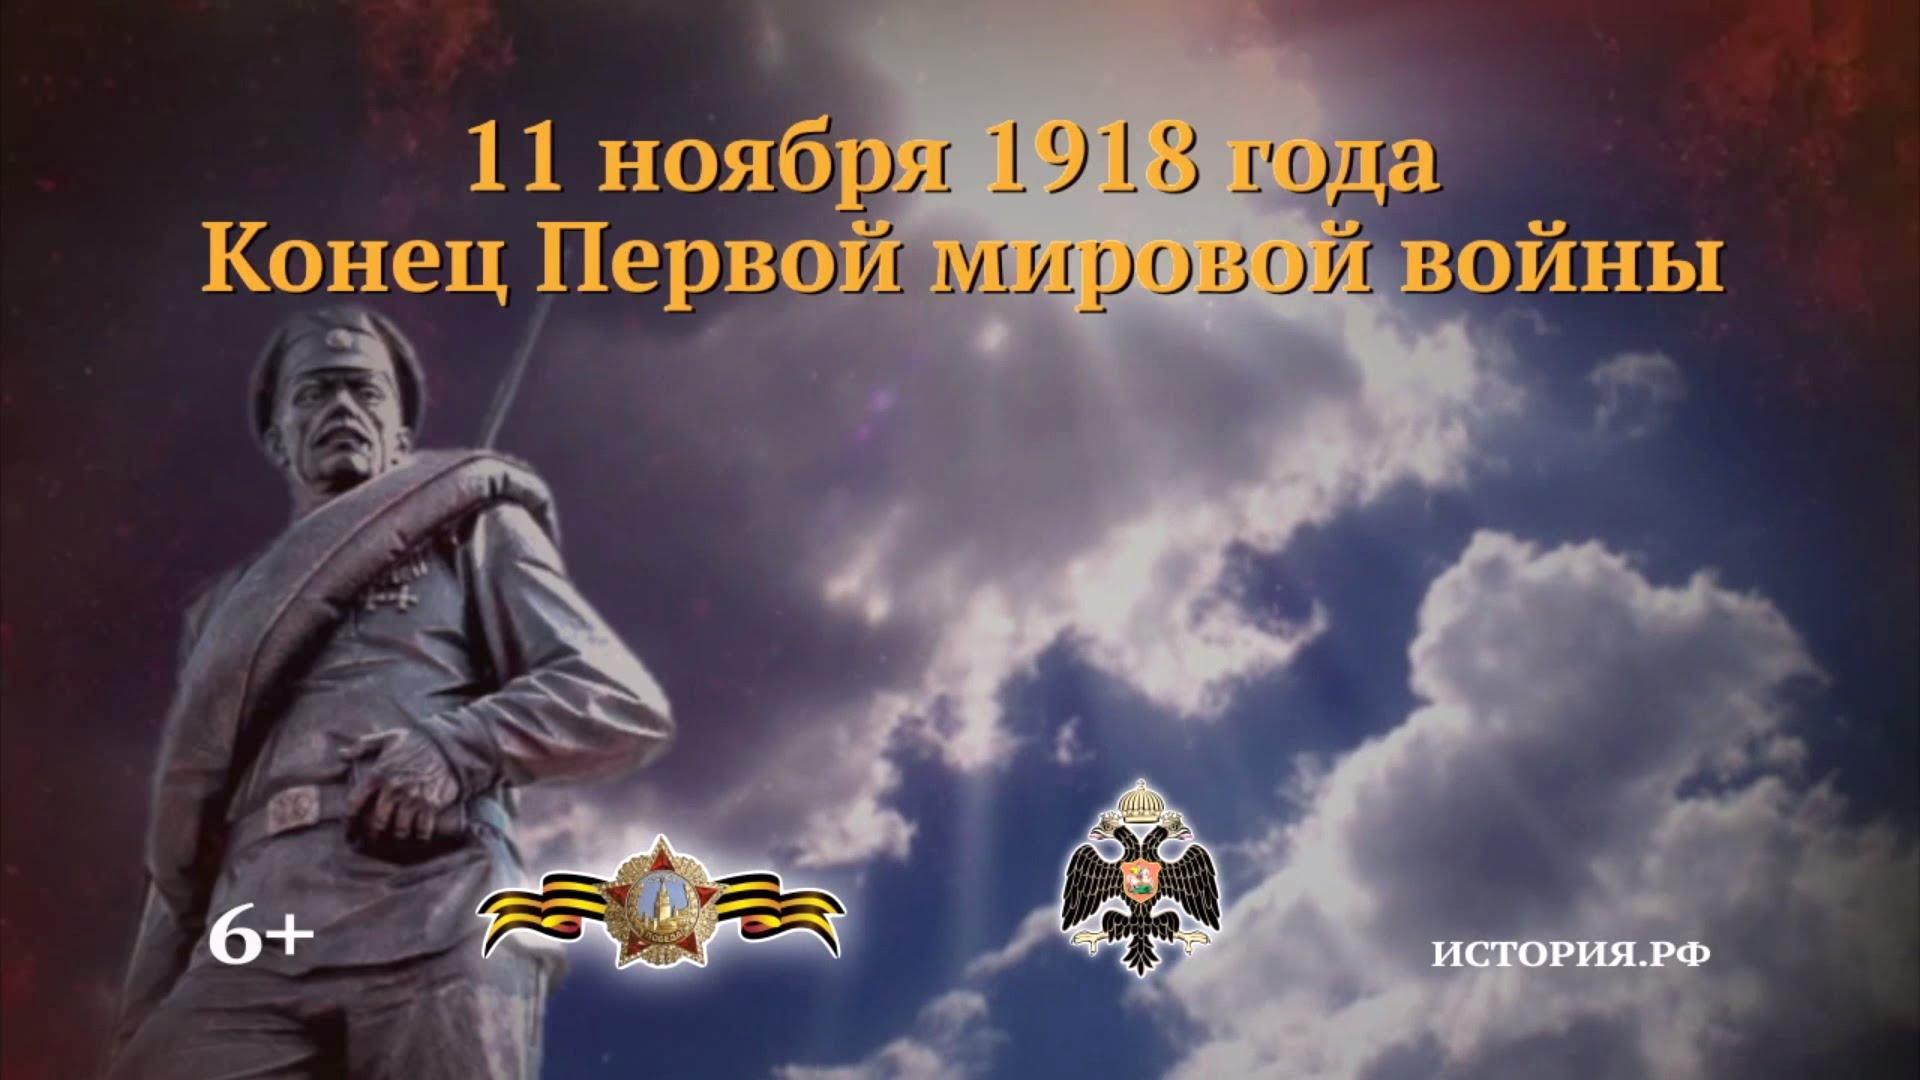 11 ноября День памяти (Конец Первой мировой войны)